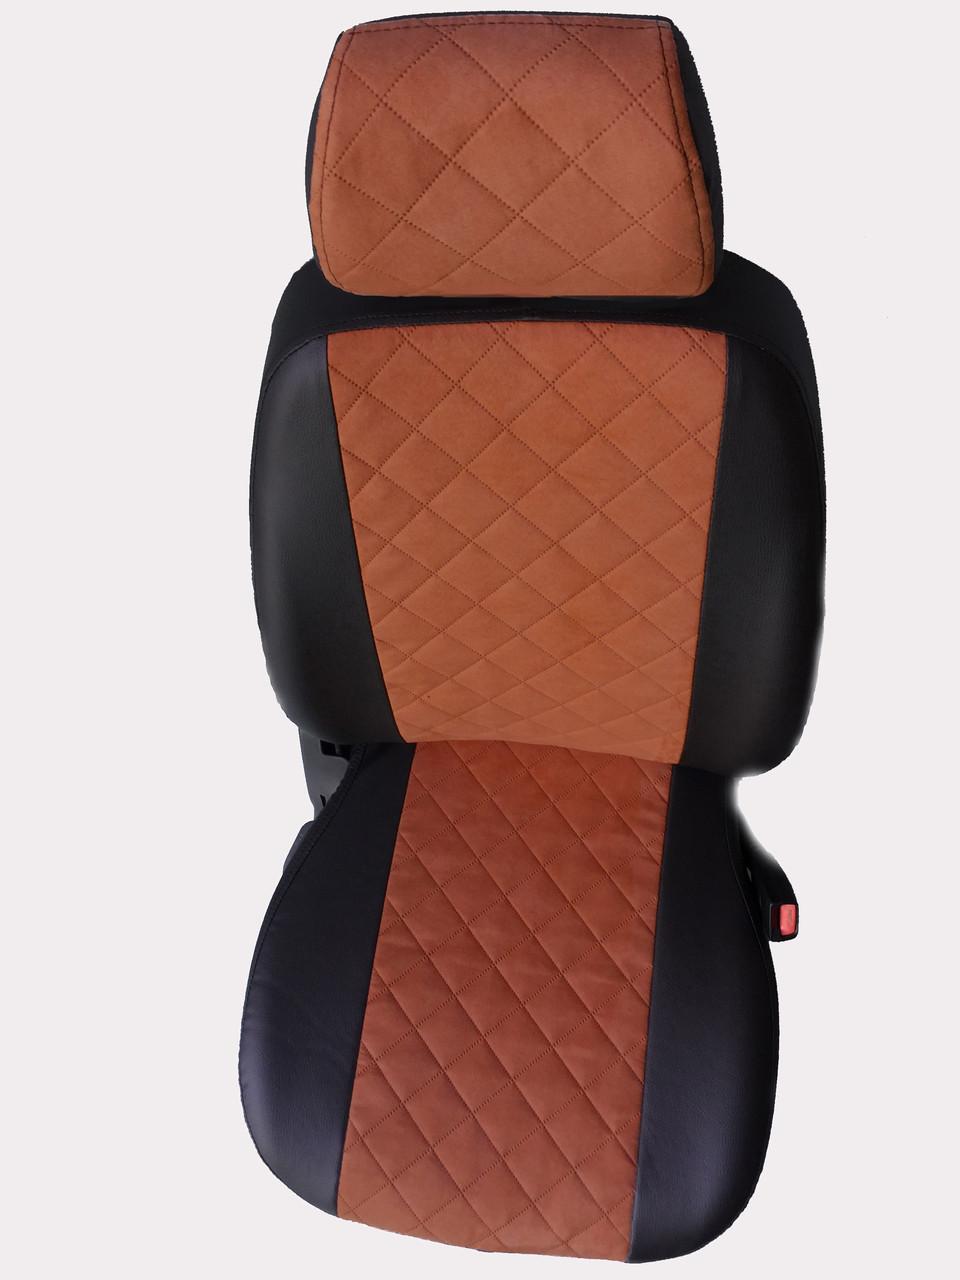 Чехлы на сиденья БМВ Е30 (BMW E30) (универсальные, экокожа+Алькантара, с отдельным подголовником)